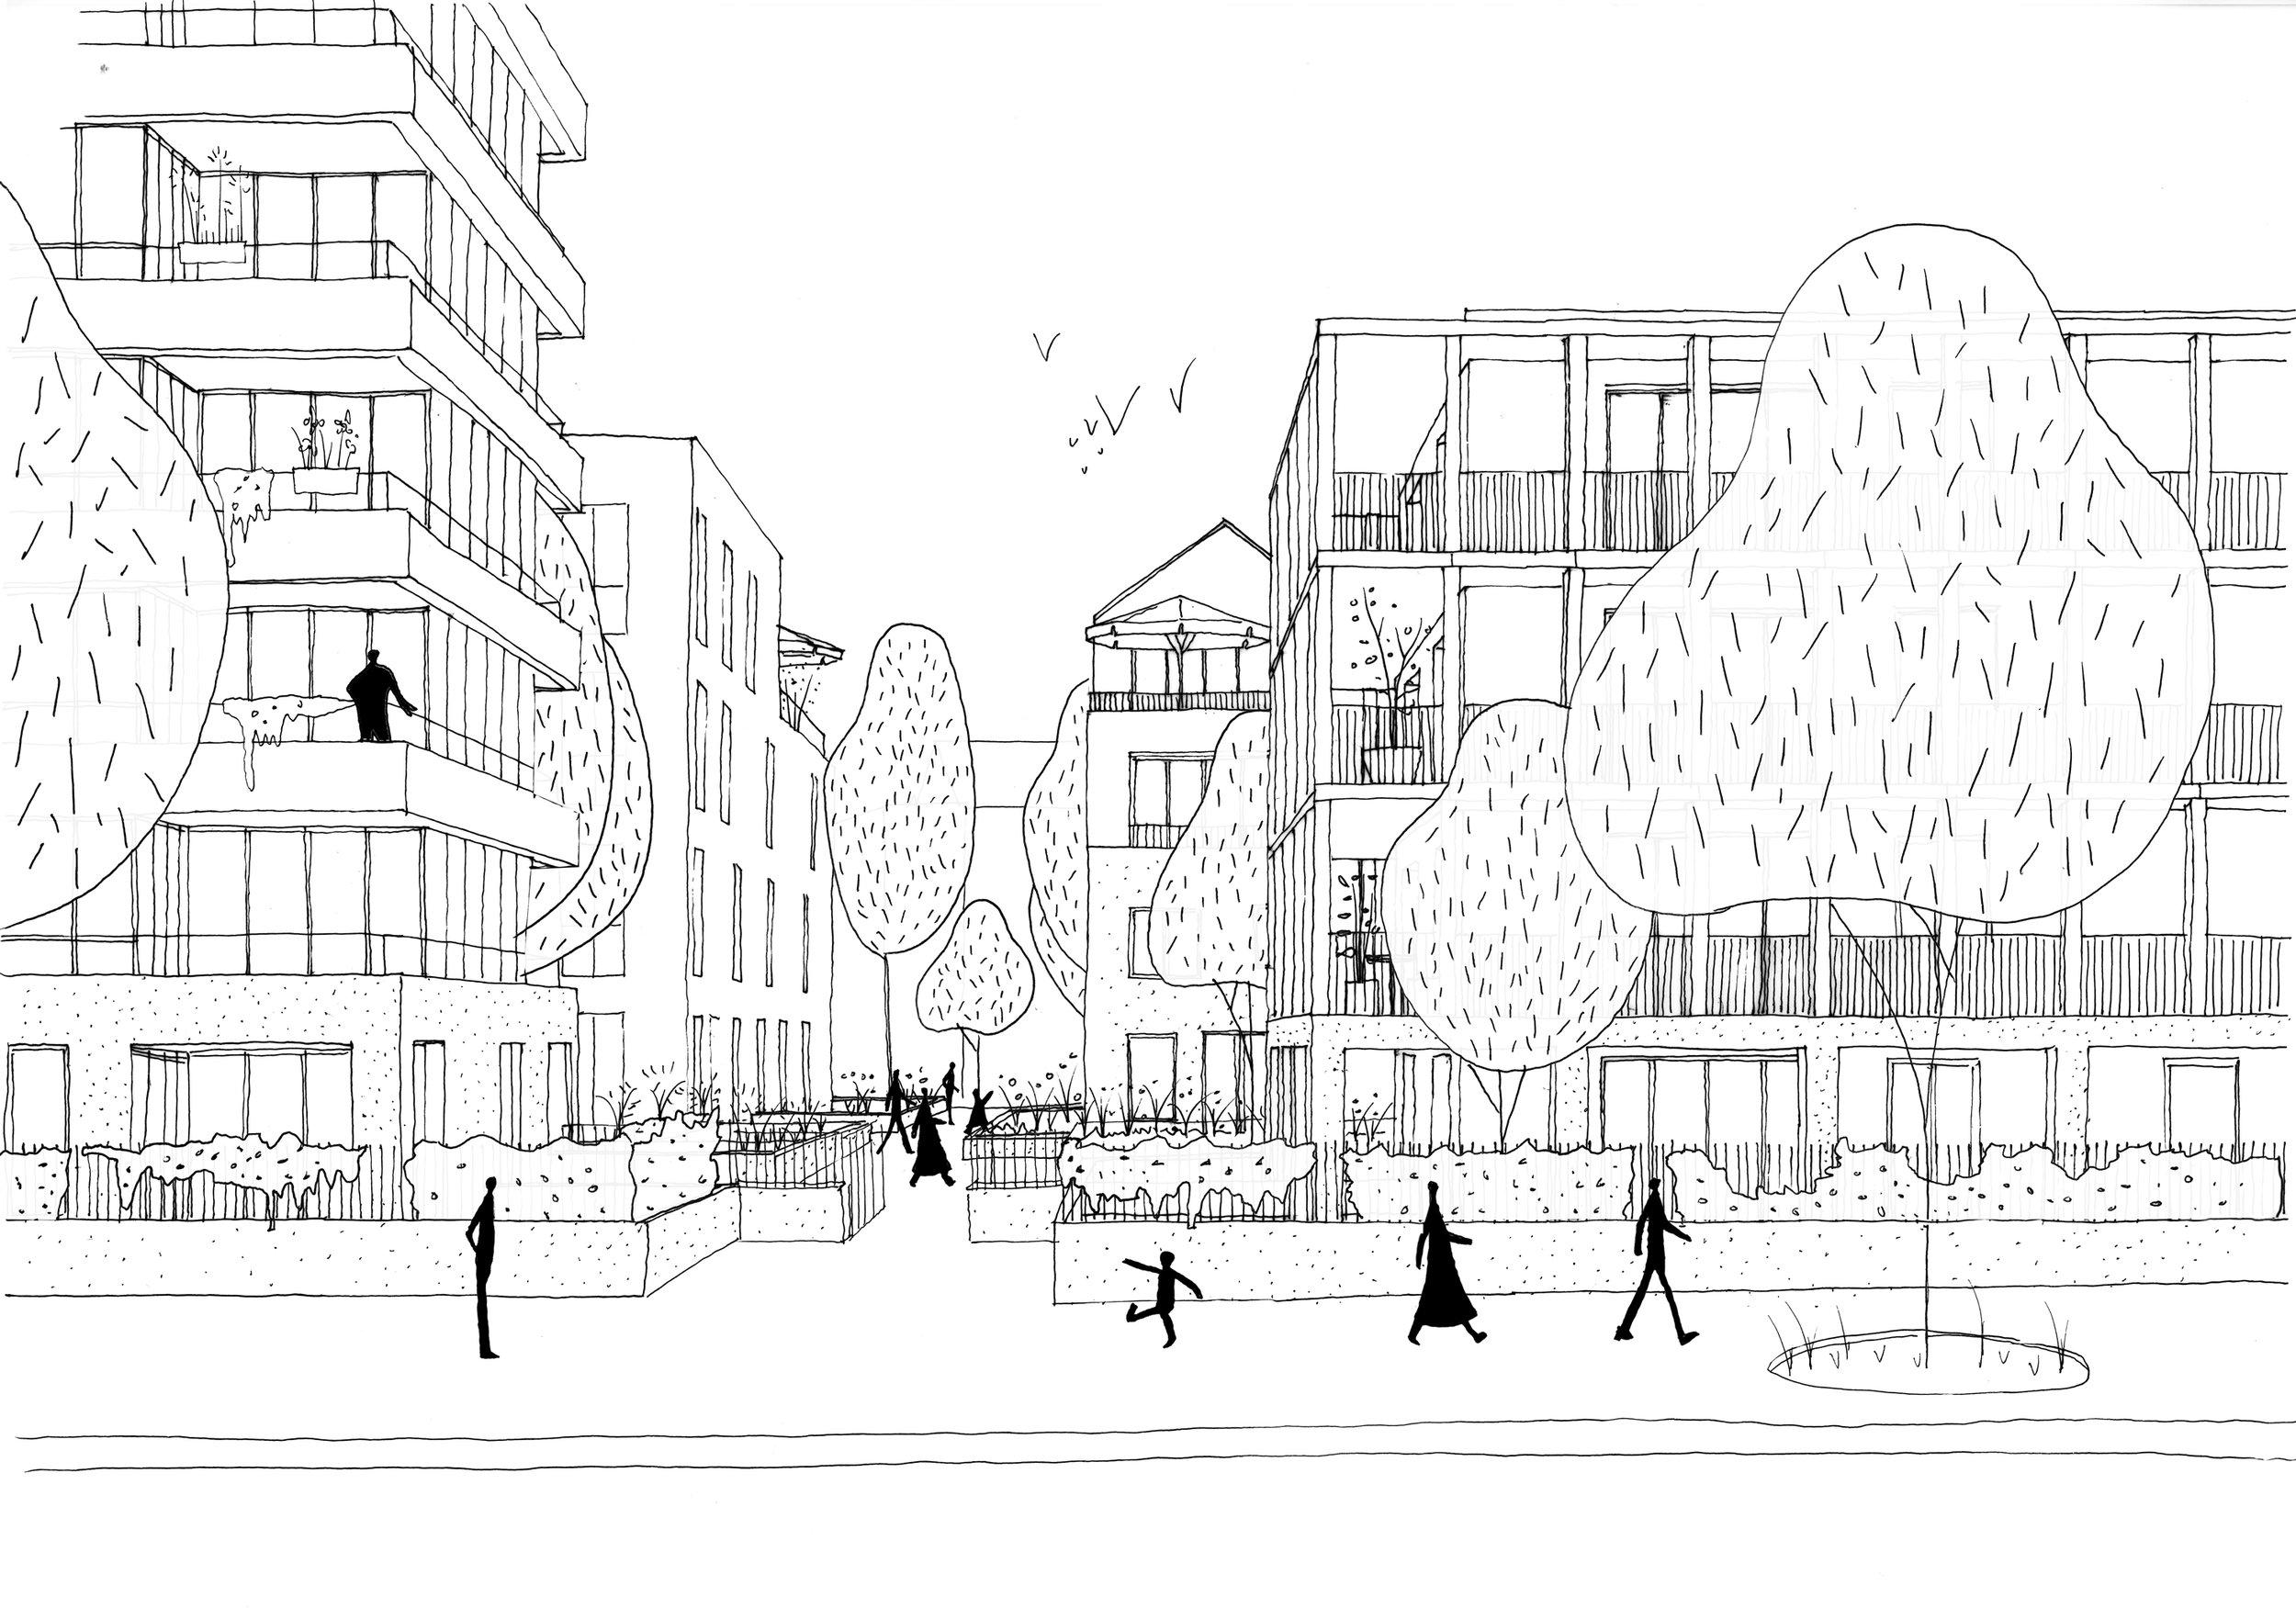 Ilot Millerand-Bagan,Ile de Nantes - programme: Construction de 138 logements + 1600m² (SDP) de bureaux + 160m² (SDP) d'équipementmaîtrise d'ouvrage: ARCPROMOTIONmaîtrise d'oeuvre: palast + Echelle Office, Ouest Structures (structure), Isocrate (fluides),Polytec (économiste, DET, OPC), Reflex (acoustique), La boîte à paysage (paysage)mission : concours restreintbudget : 15 millions d'euroslieu : 13 boulevard Alexandre Millerand à Nantes - Ilot Millerand/Bagandate : Avril 2018